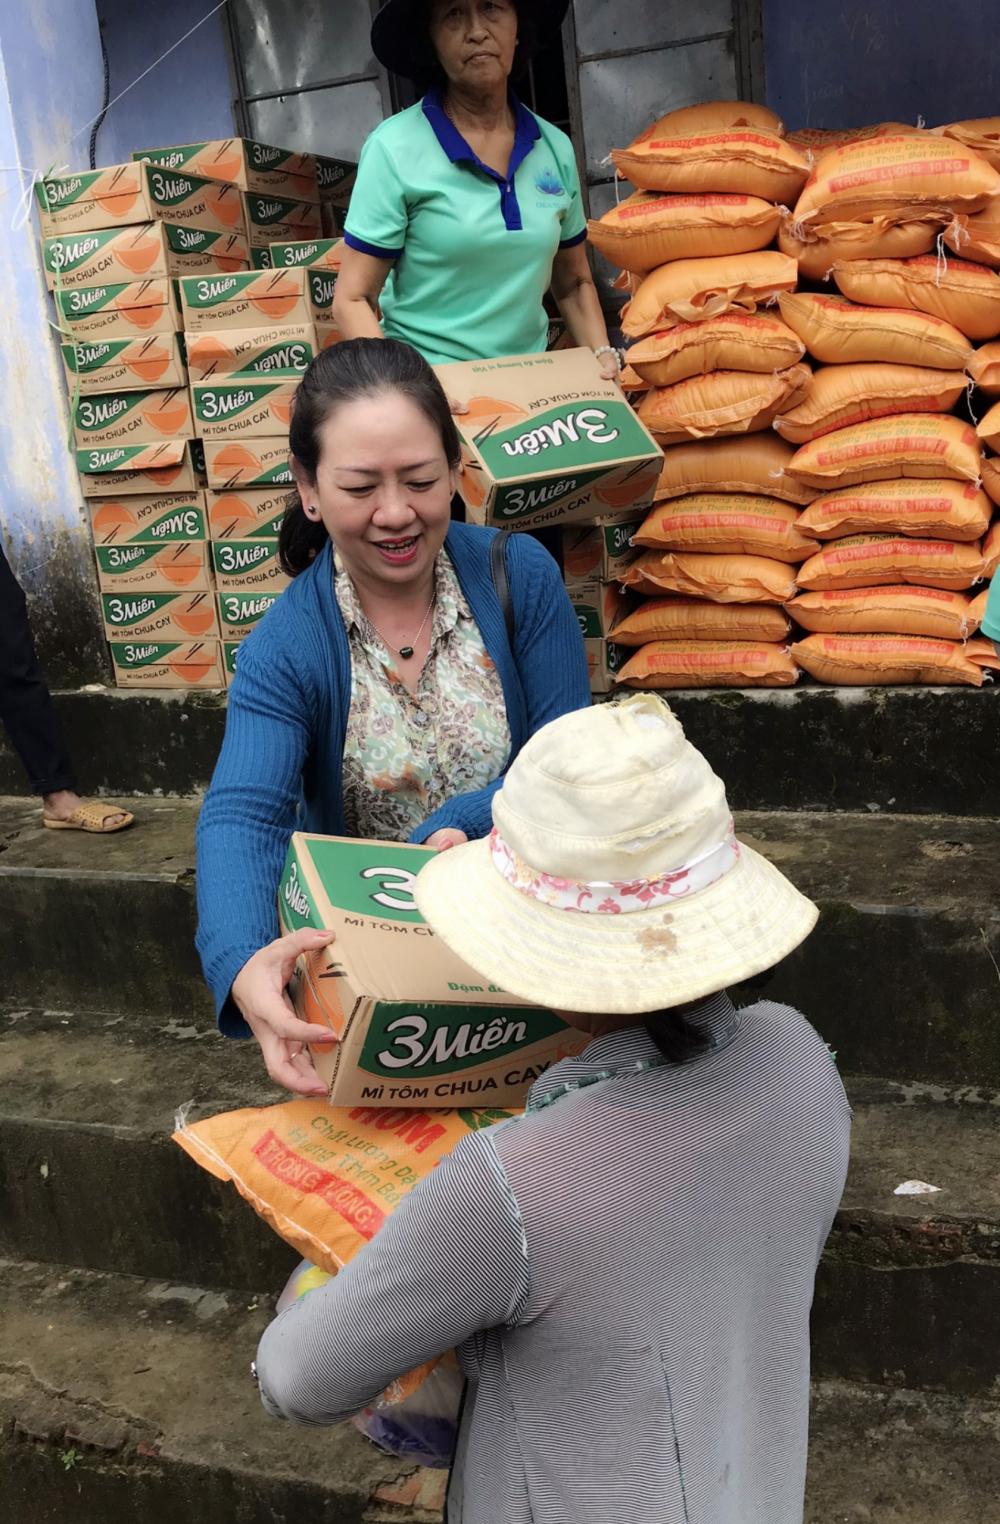 KHông chỉ chăm lo người dân trong quận, Hội LHPN các cấp tại quận 8 còn nhiều hoạt động Trao yêu thương hướng đến đồng bào vùng khó khăn, ảnh hưởng bởi thiên tại.